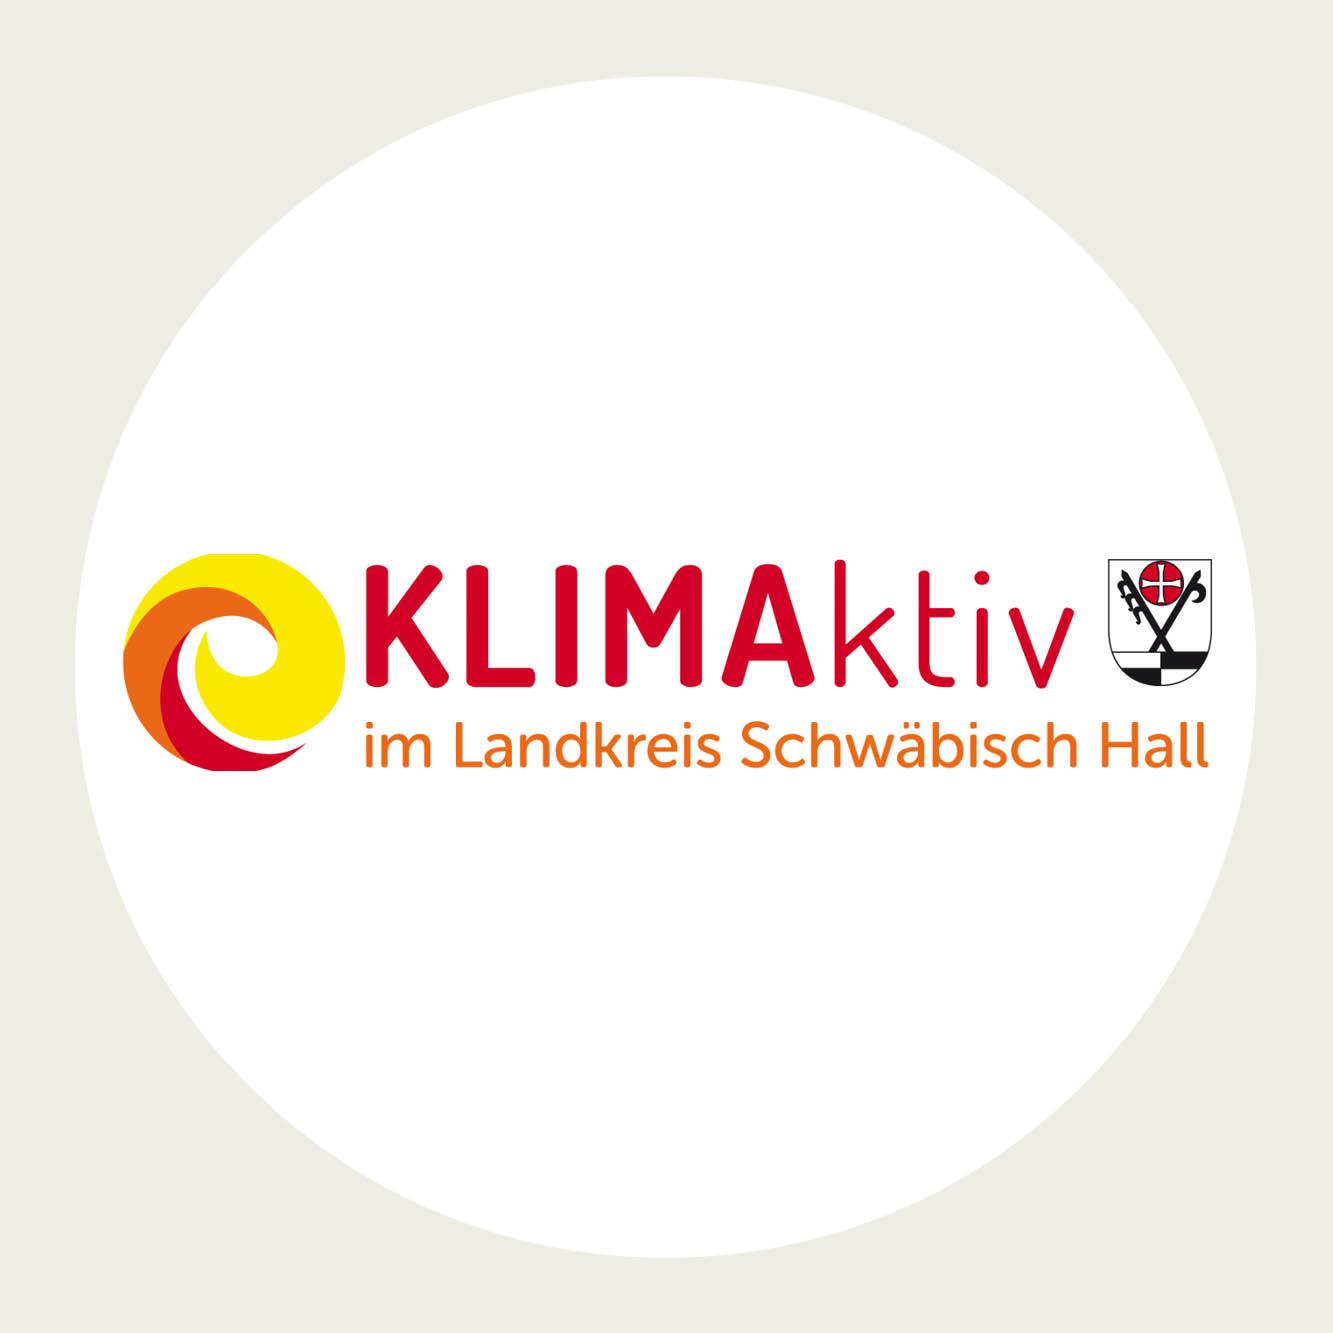 Logo KLIMAktiv LKSHA